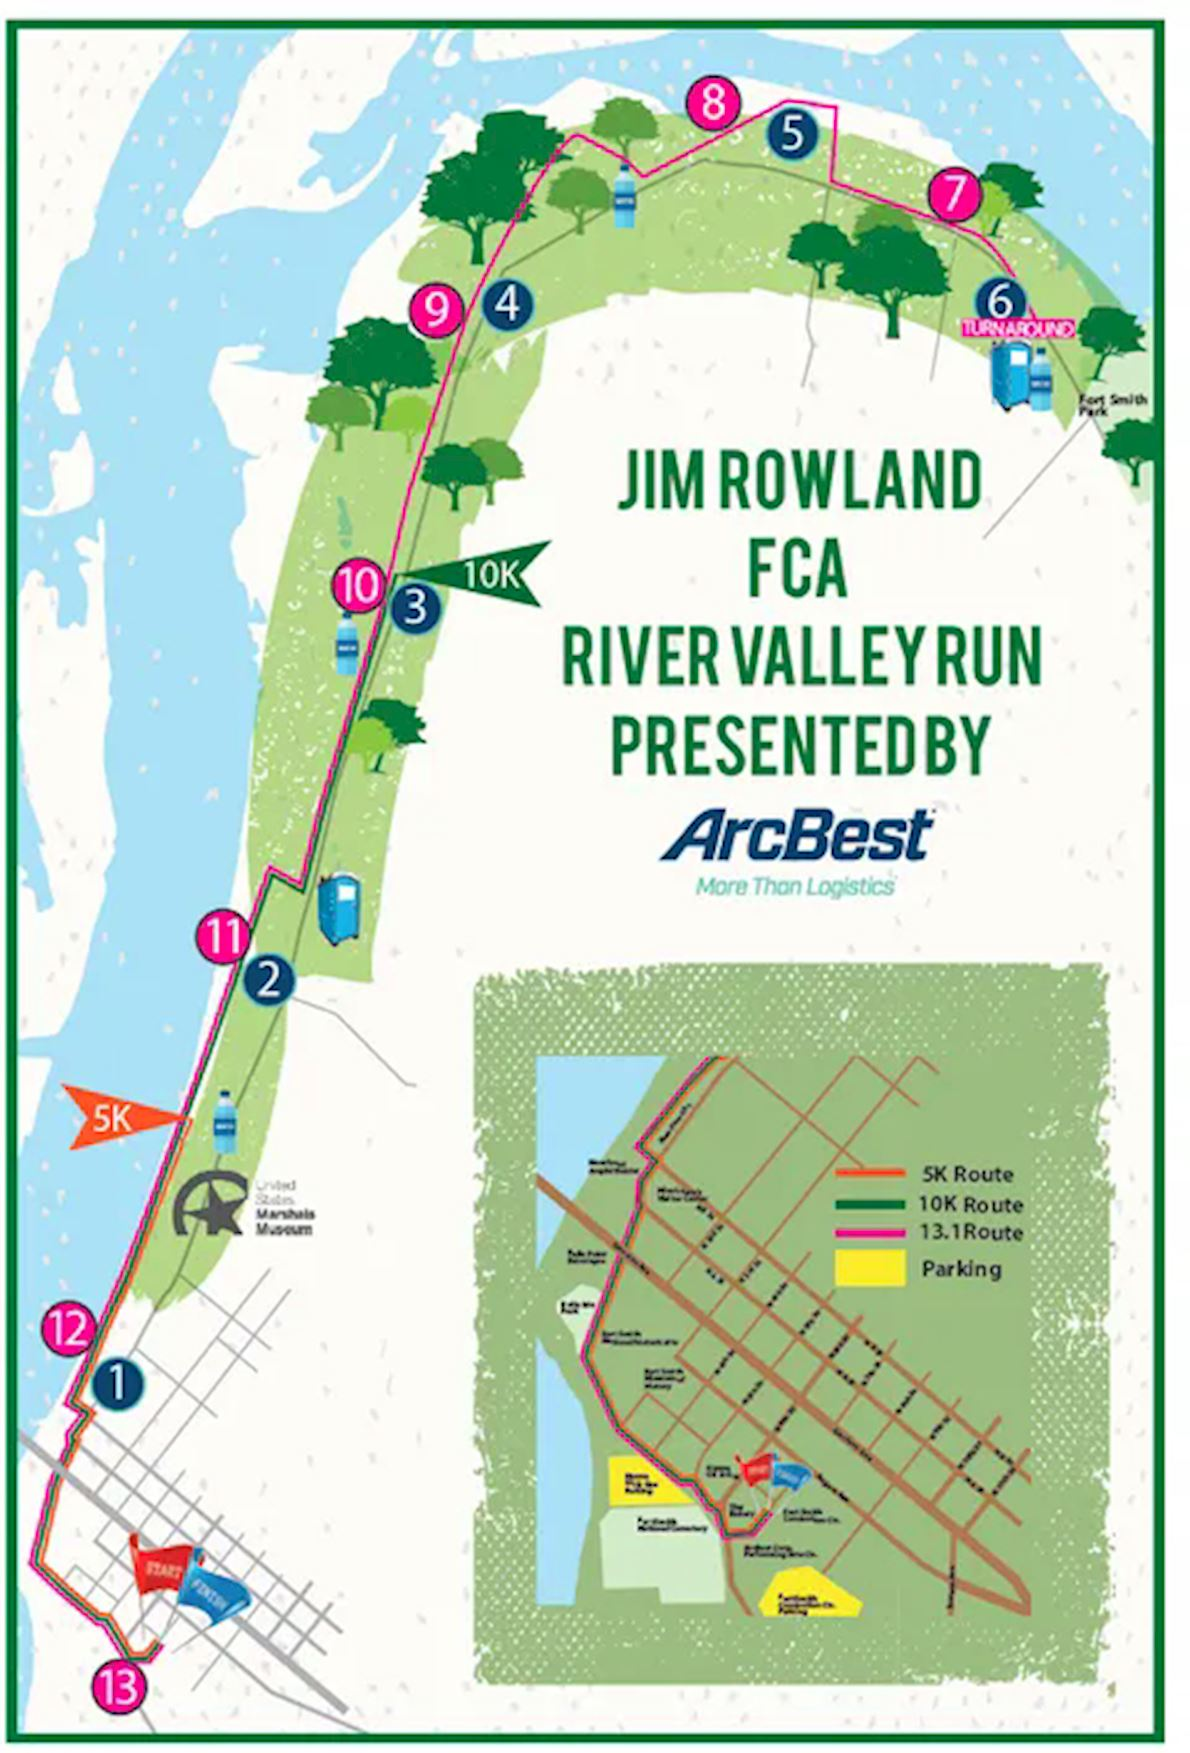 Jim Rowland FCA River Valley Run MAPA DEL RECORRIDO DE